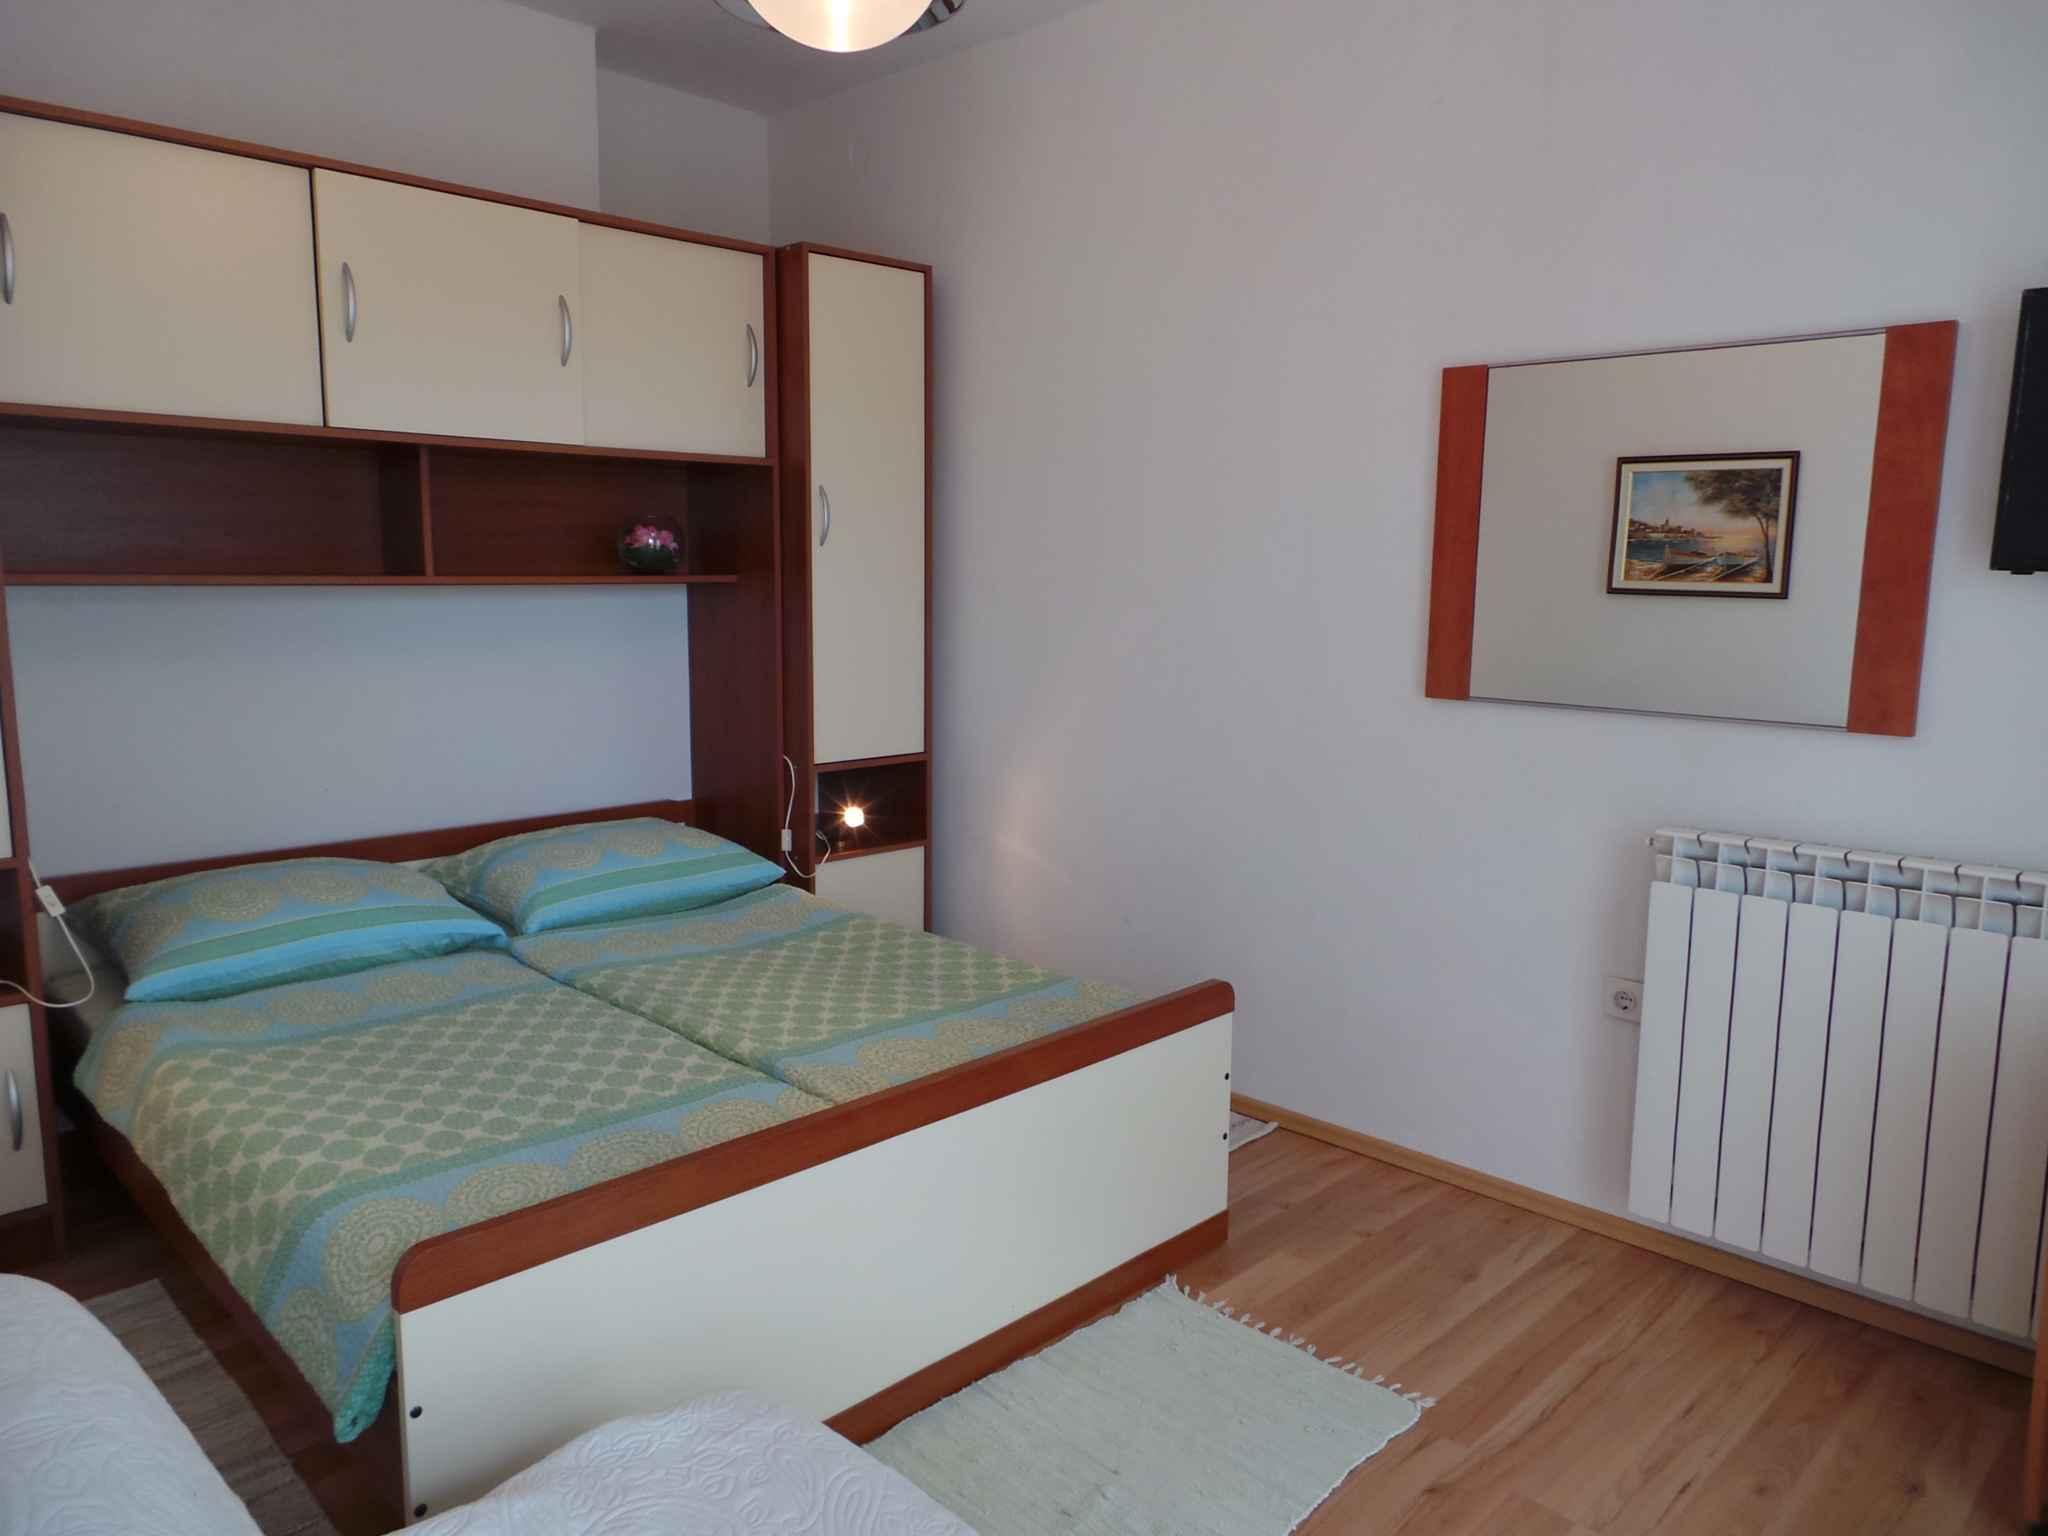 Ferienwohnung s balkonom (280342), Porec, , Istrien, Kroatien, Bild 18